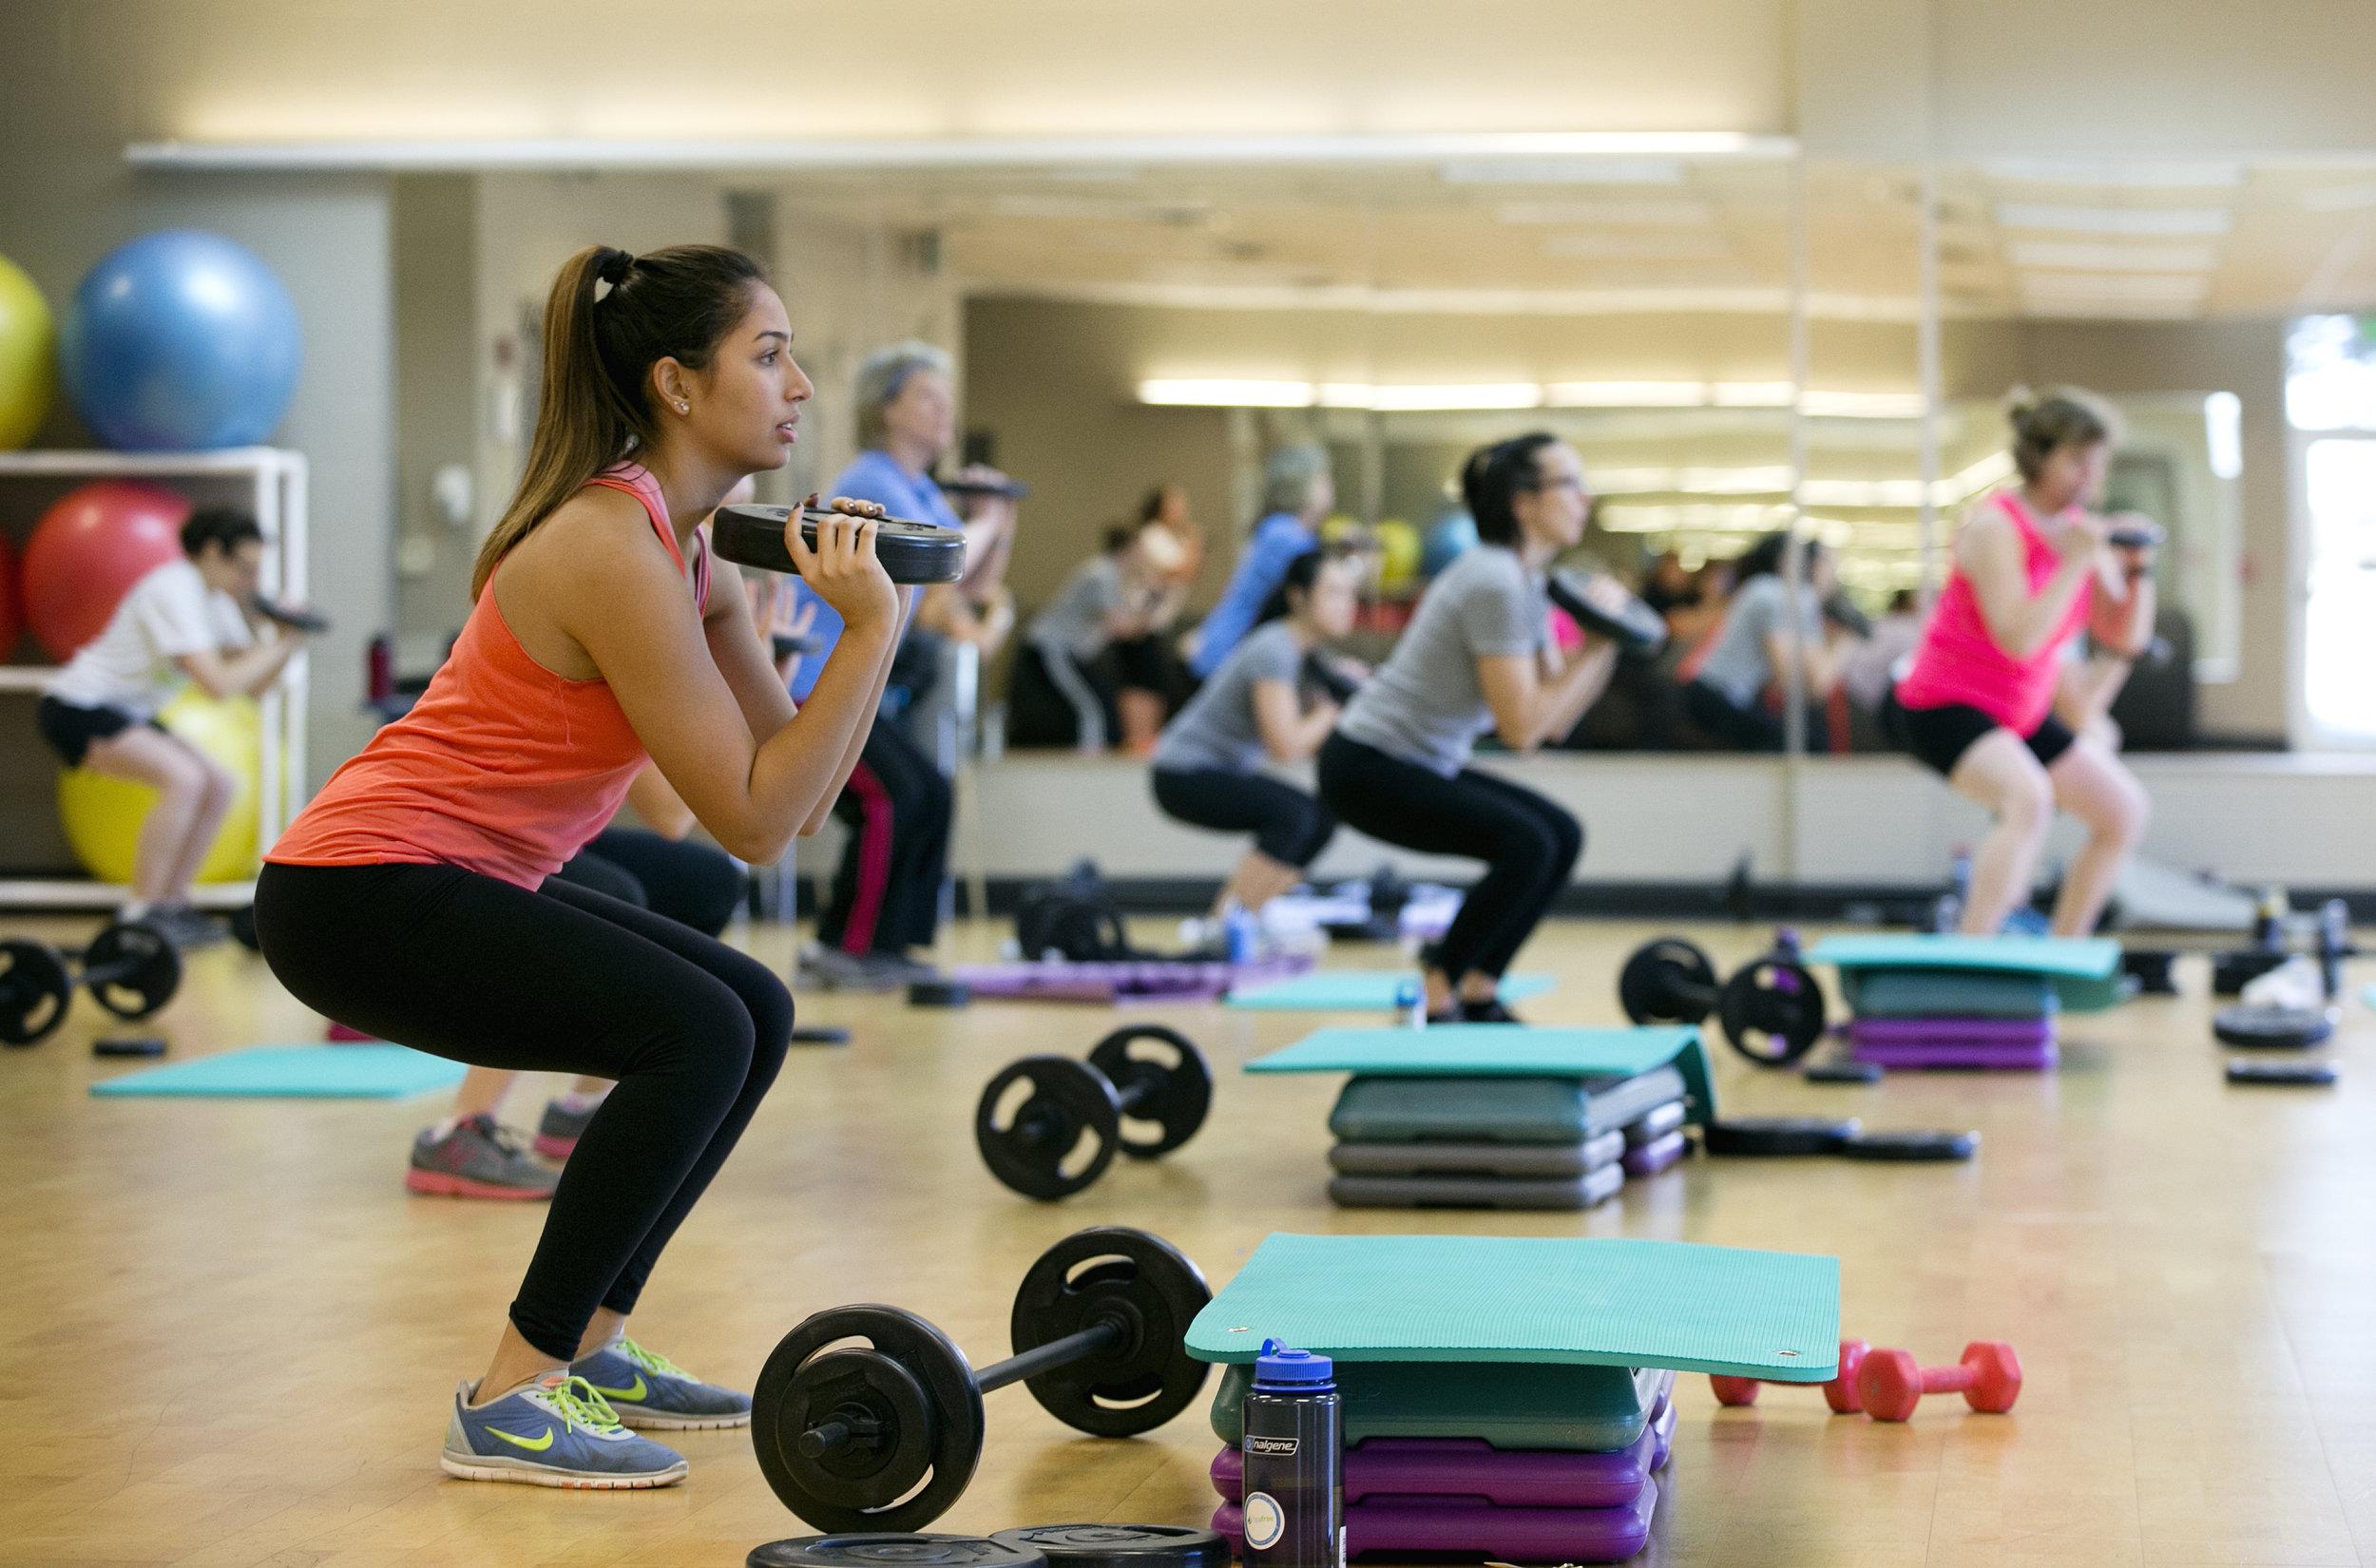 dyc-workout-classes-01.jpg